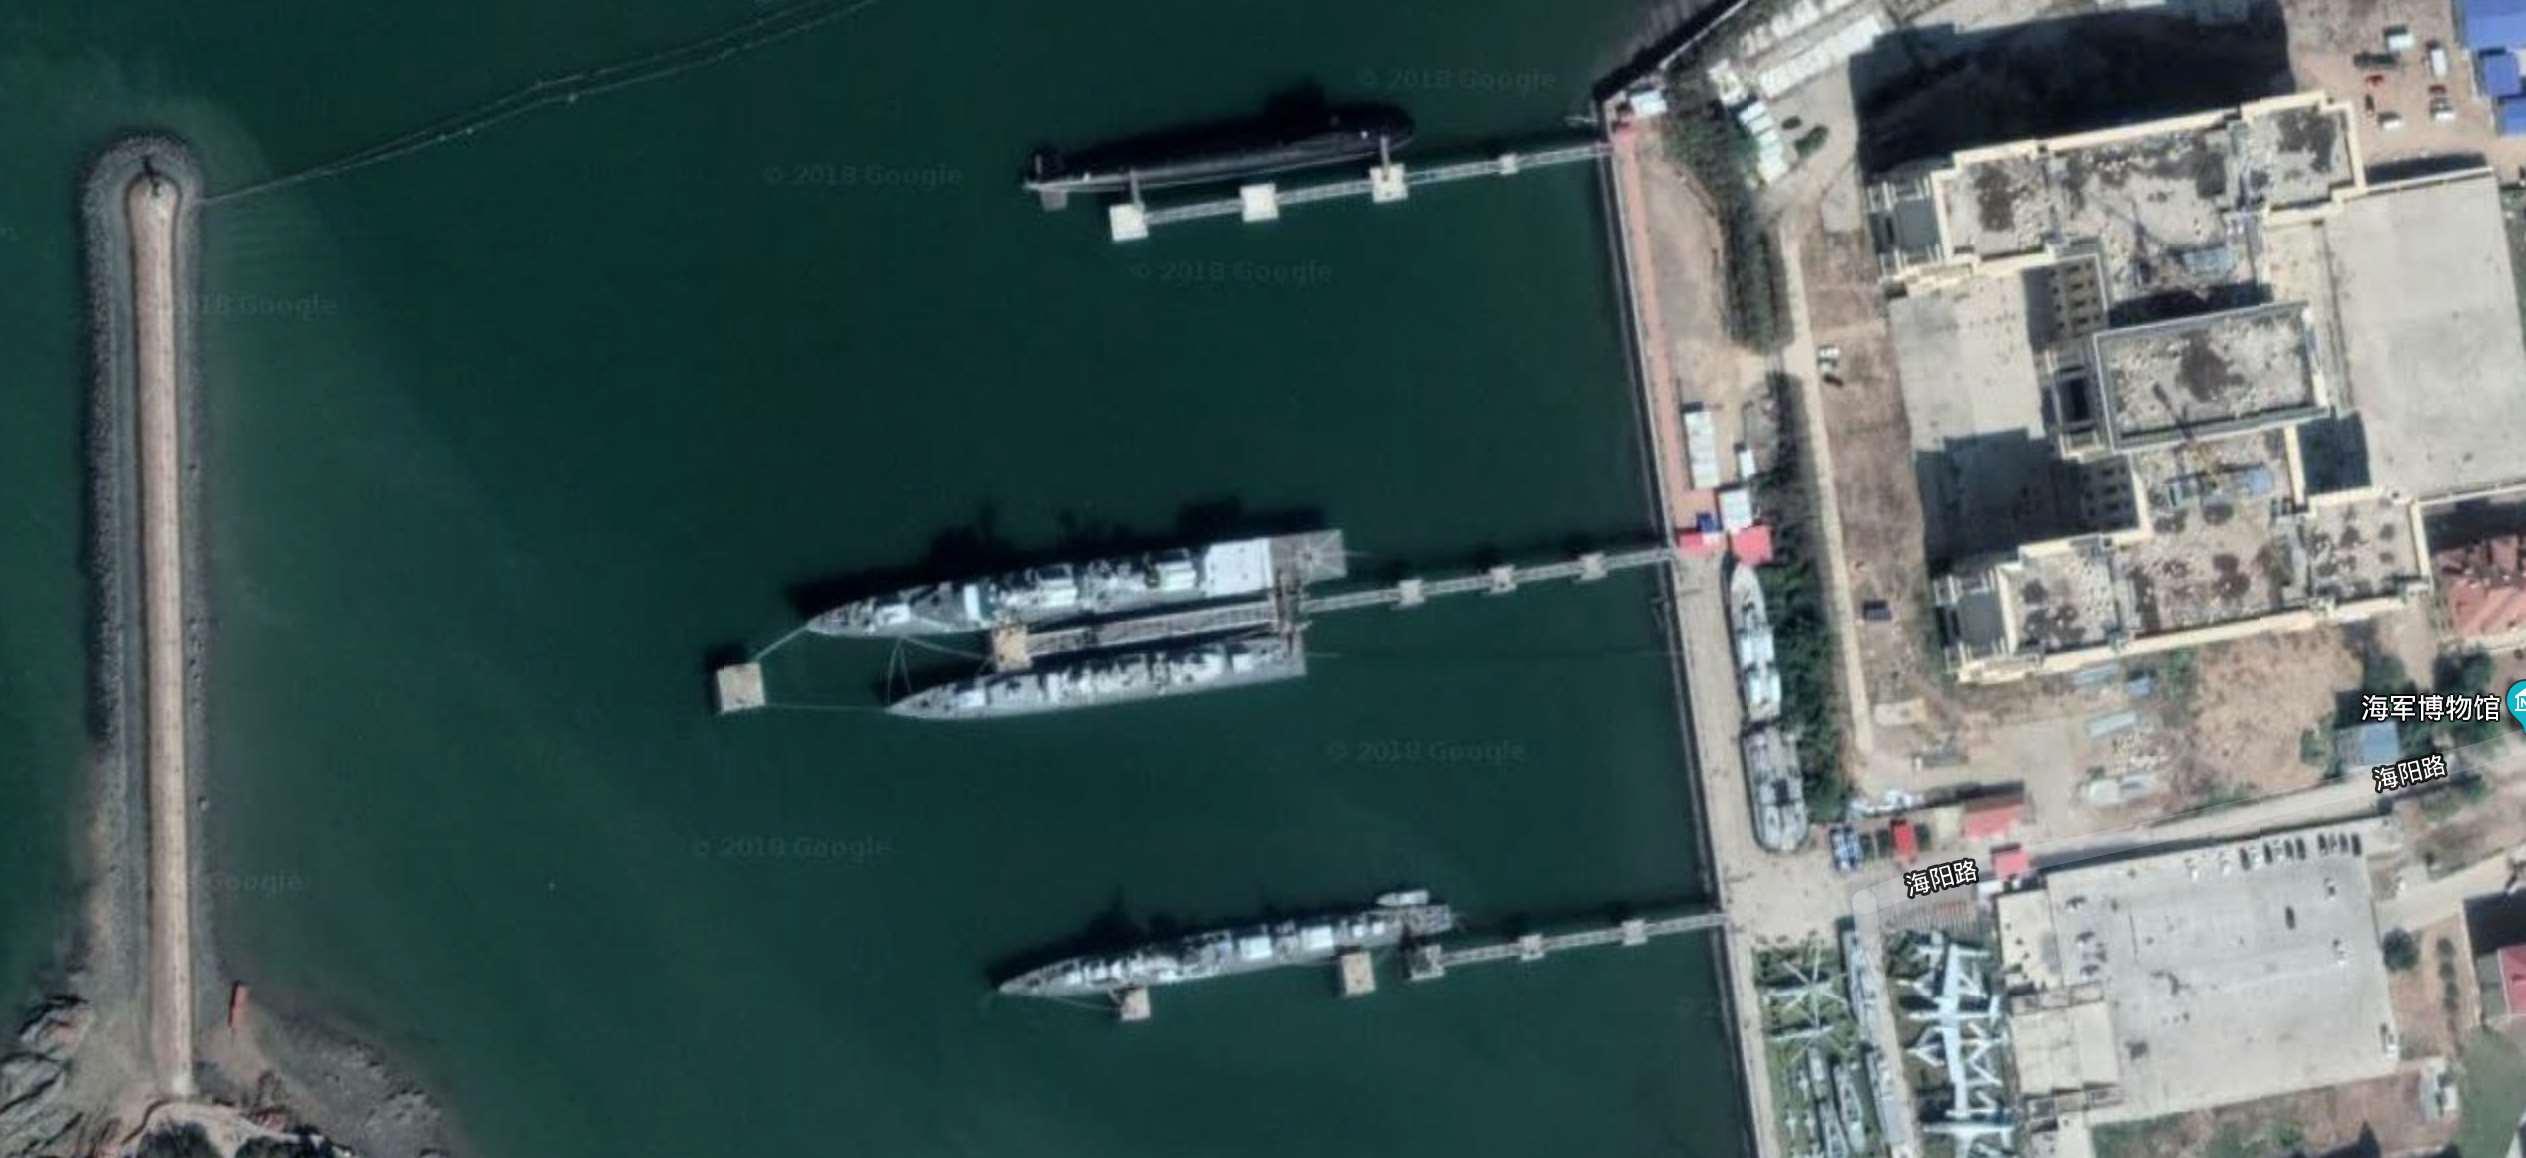 青岛中国海军博物馆.jpg